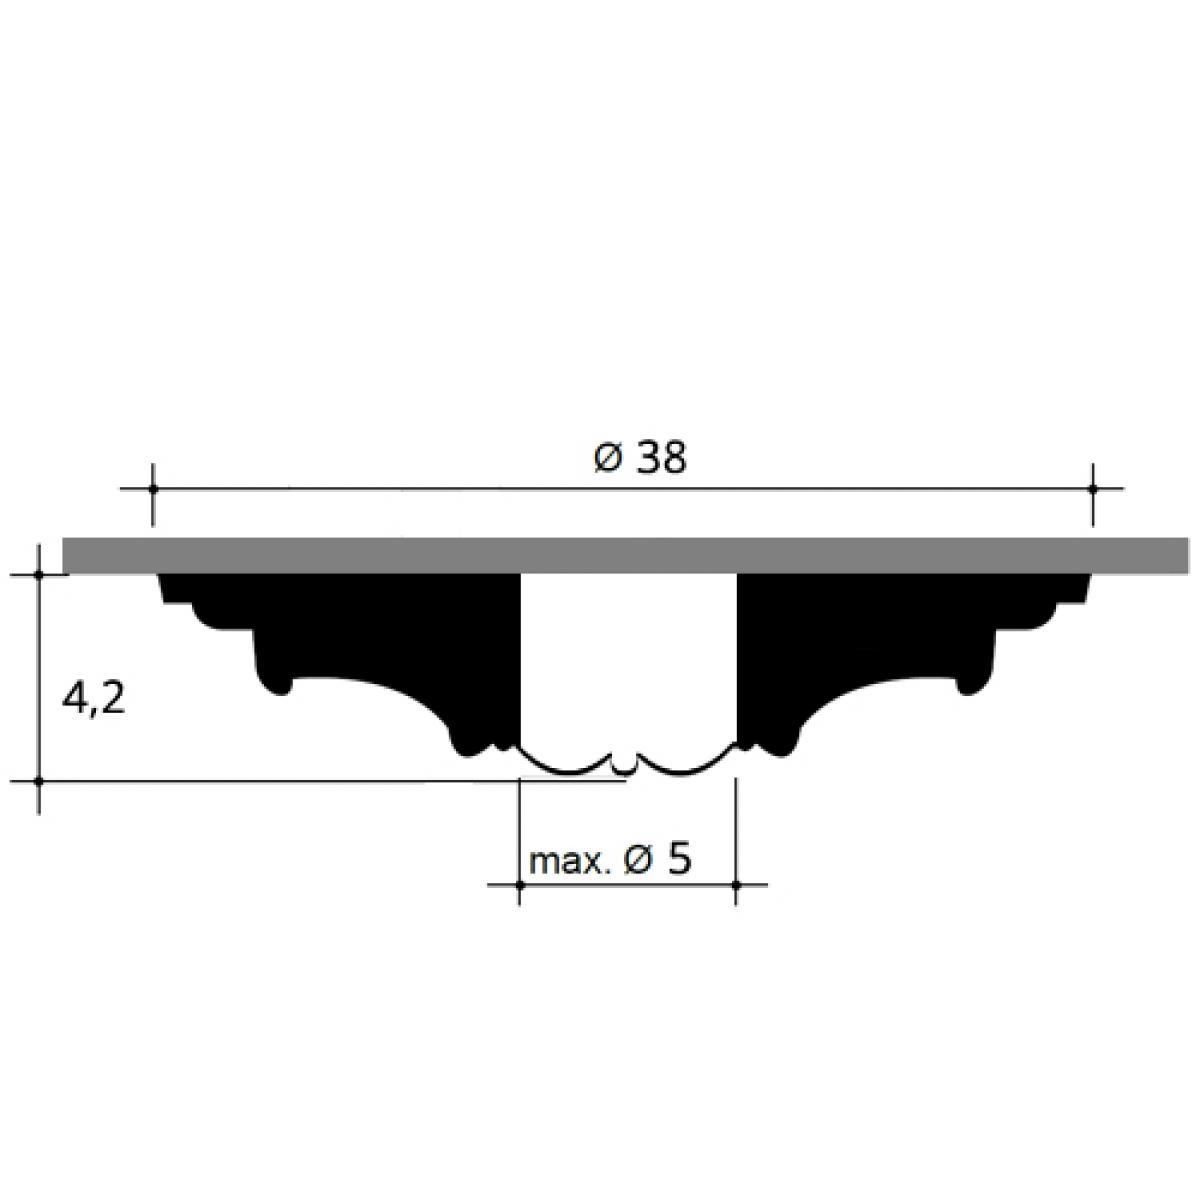 Rozeta Luxxus R08, Dimensiuni: diam. 38 cm (H: 4,2 cm), Orac Decor